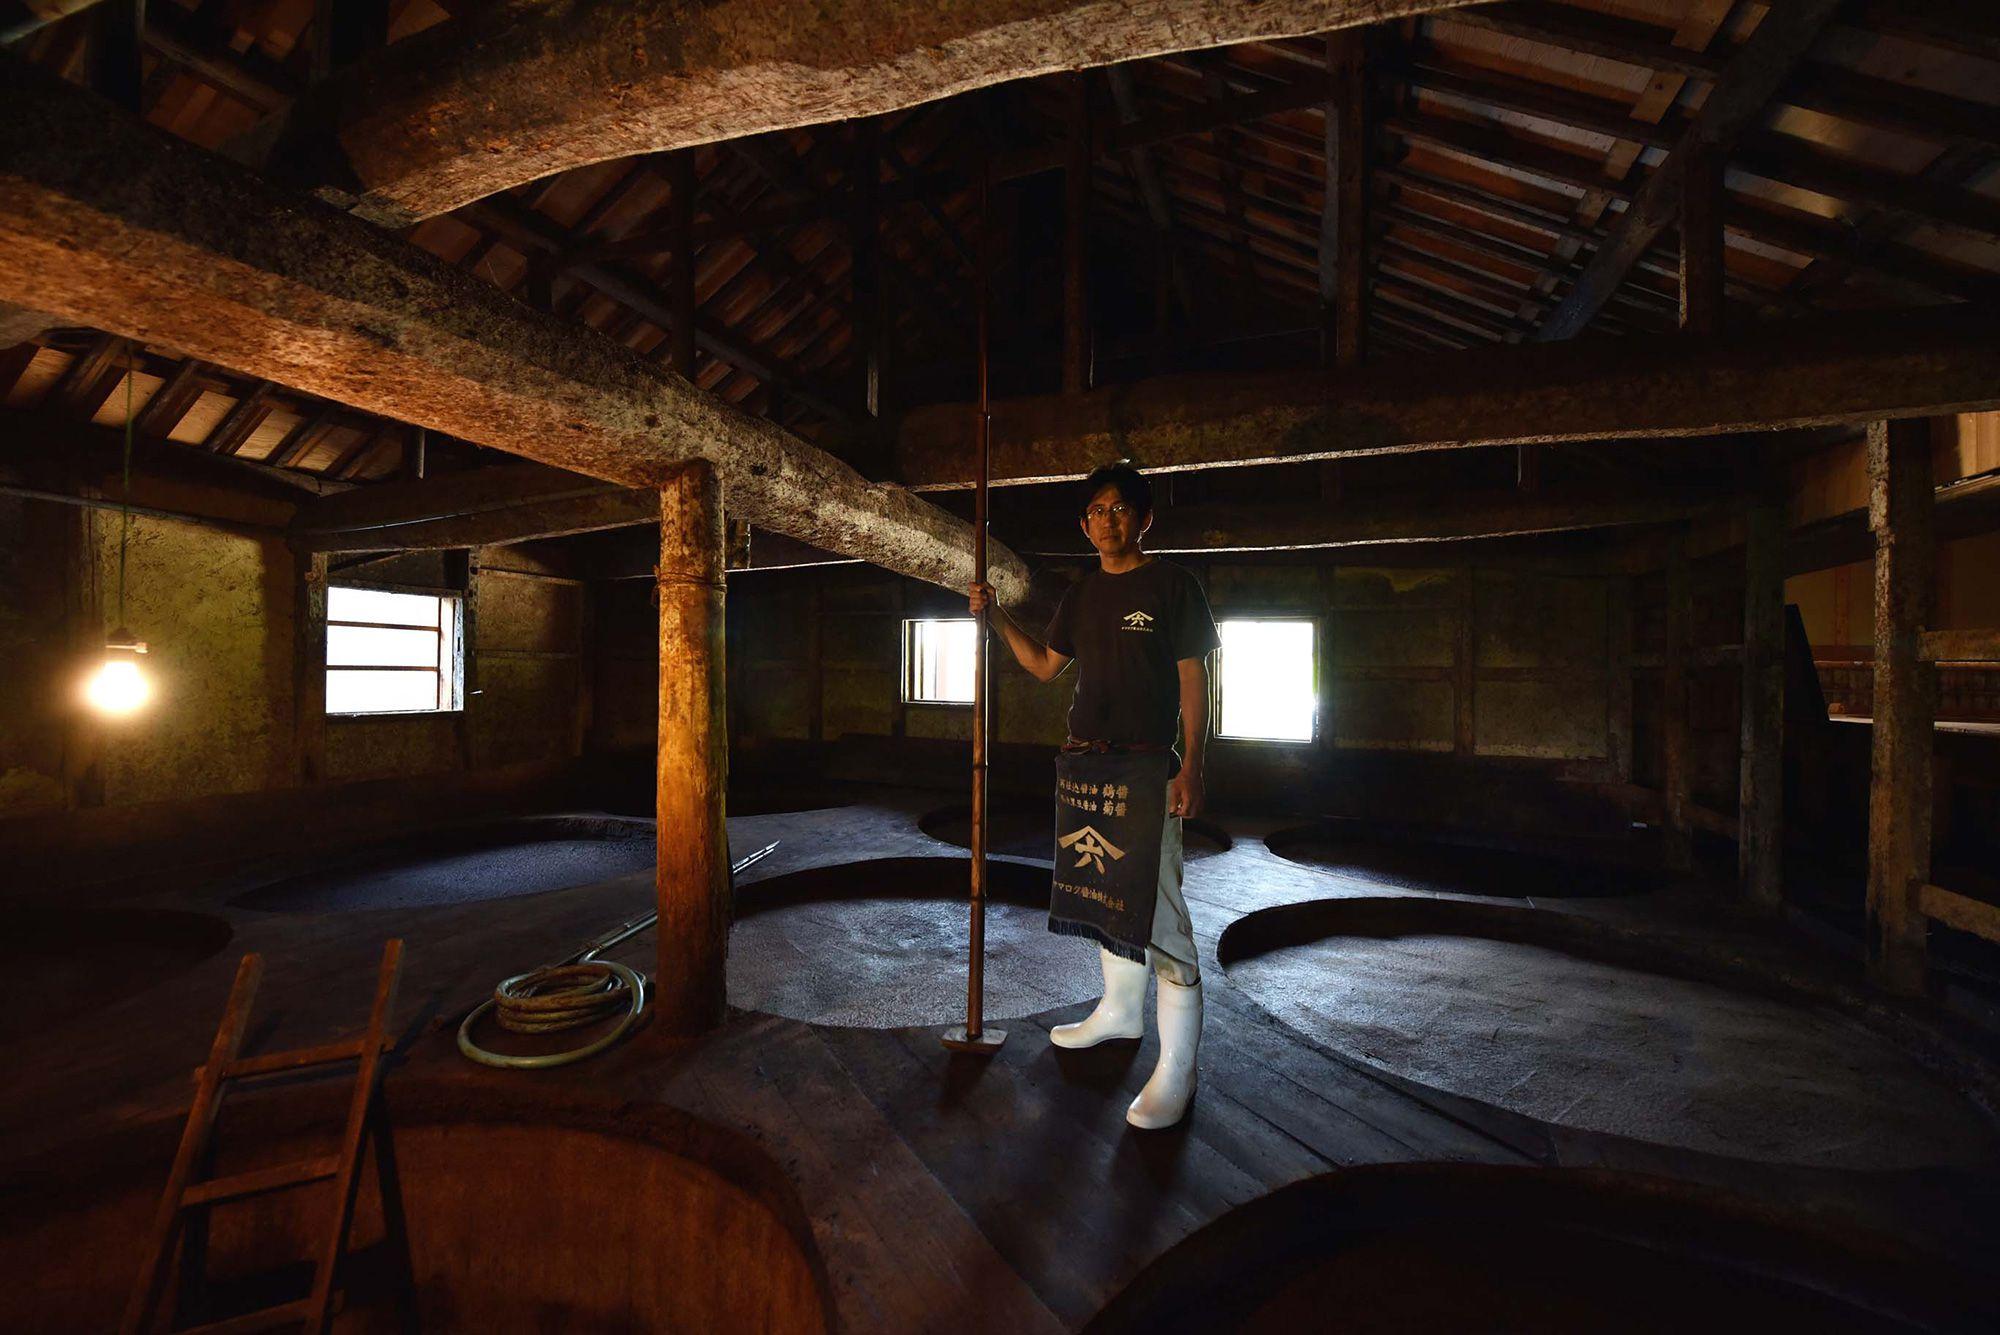 木桶を造る職人がいなくなってしまう前に、自身が木桶造りを学んだヤマロク醤油5代目当主・山本康夫。